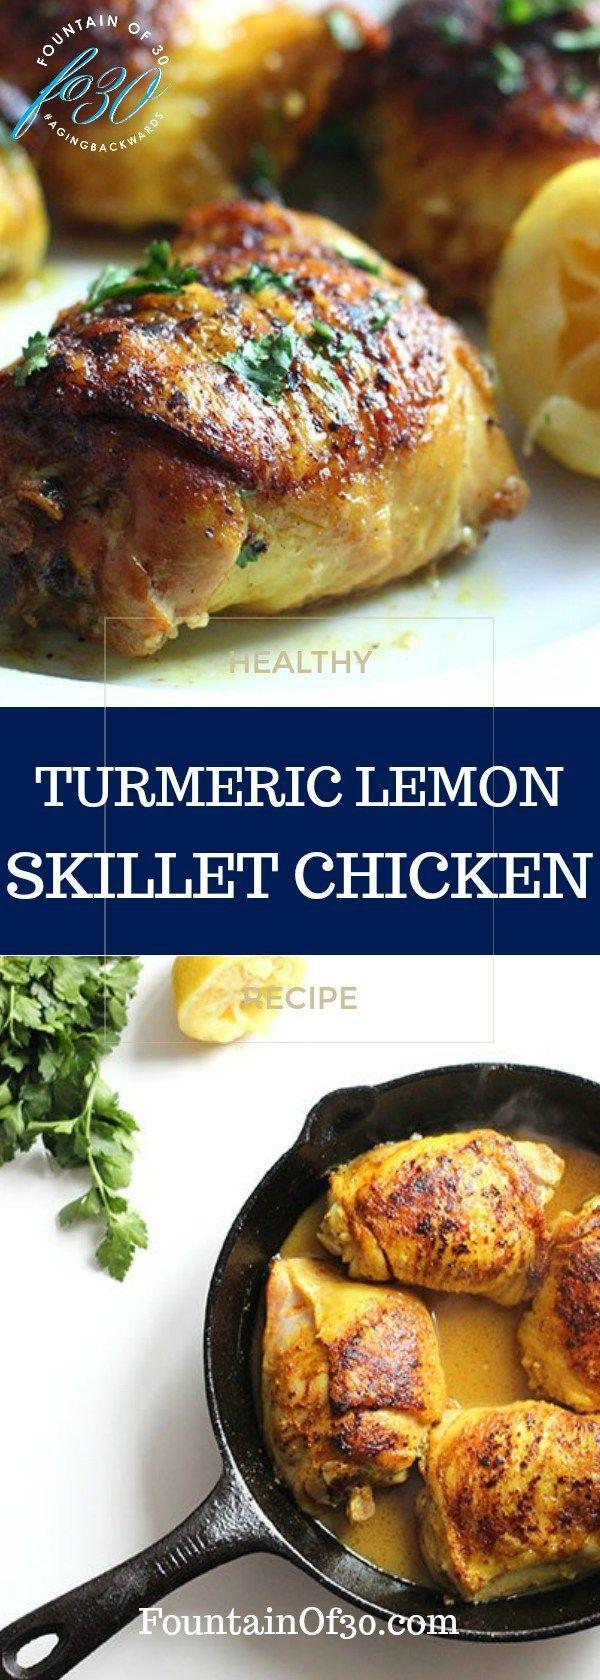 Easy To Make Anti-Inflammatory Tumeric Lemon Chicken - fountainof30.com